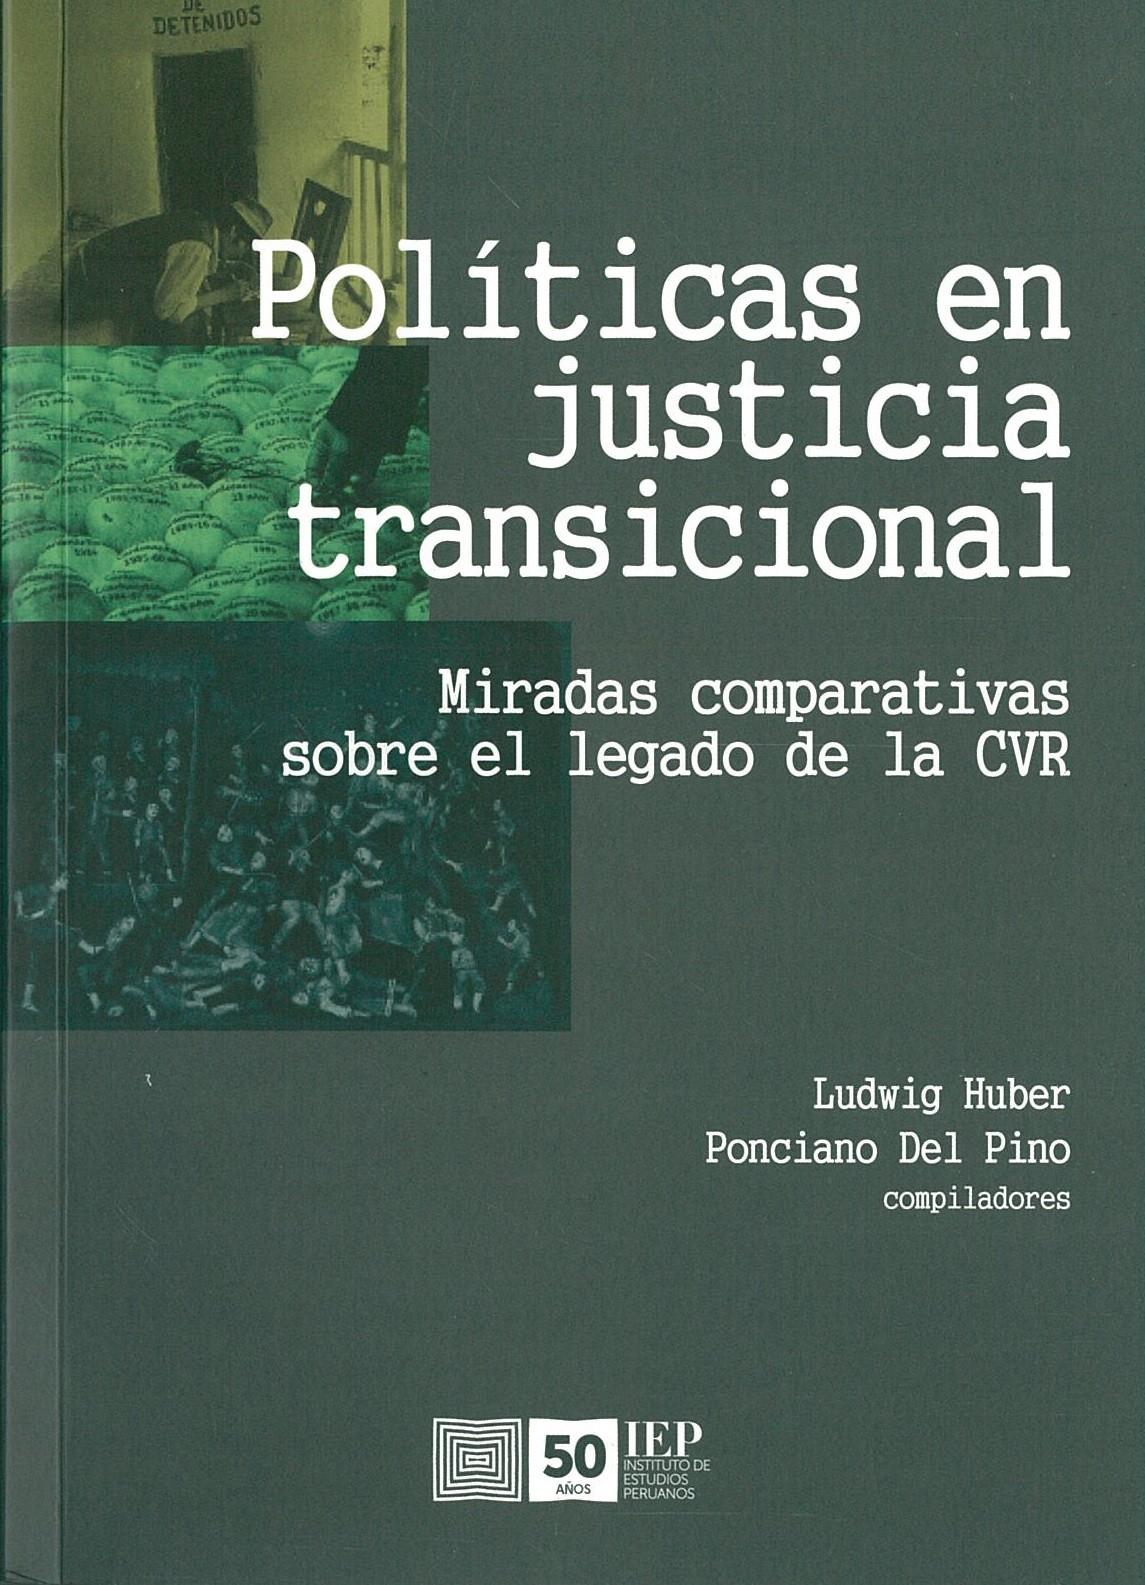 Políticas en justicia transicional